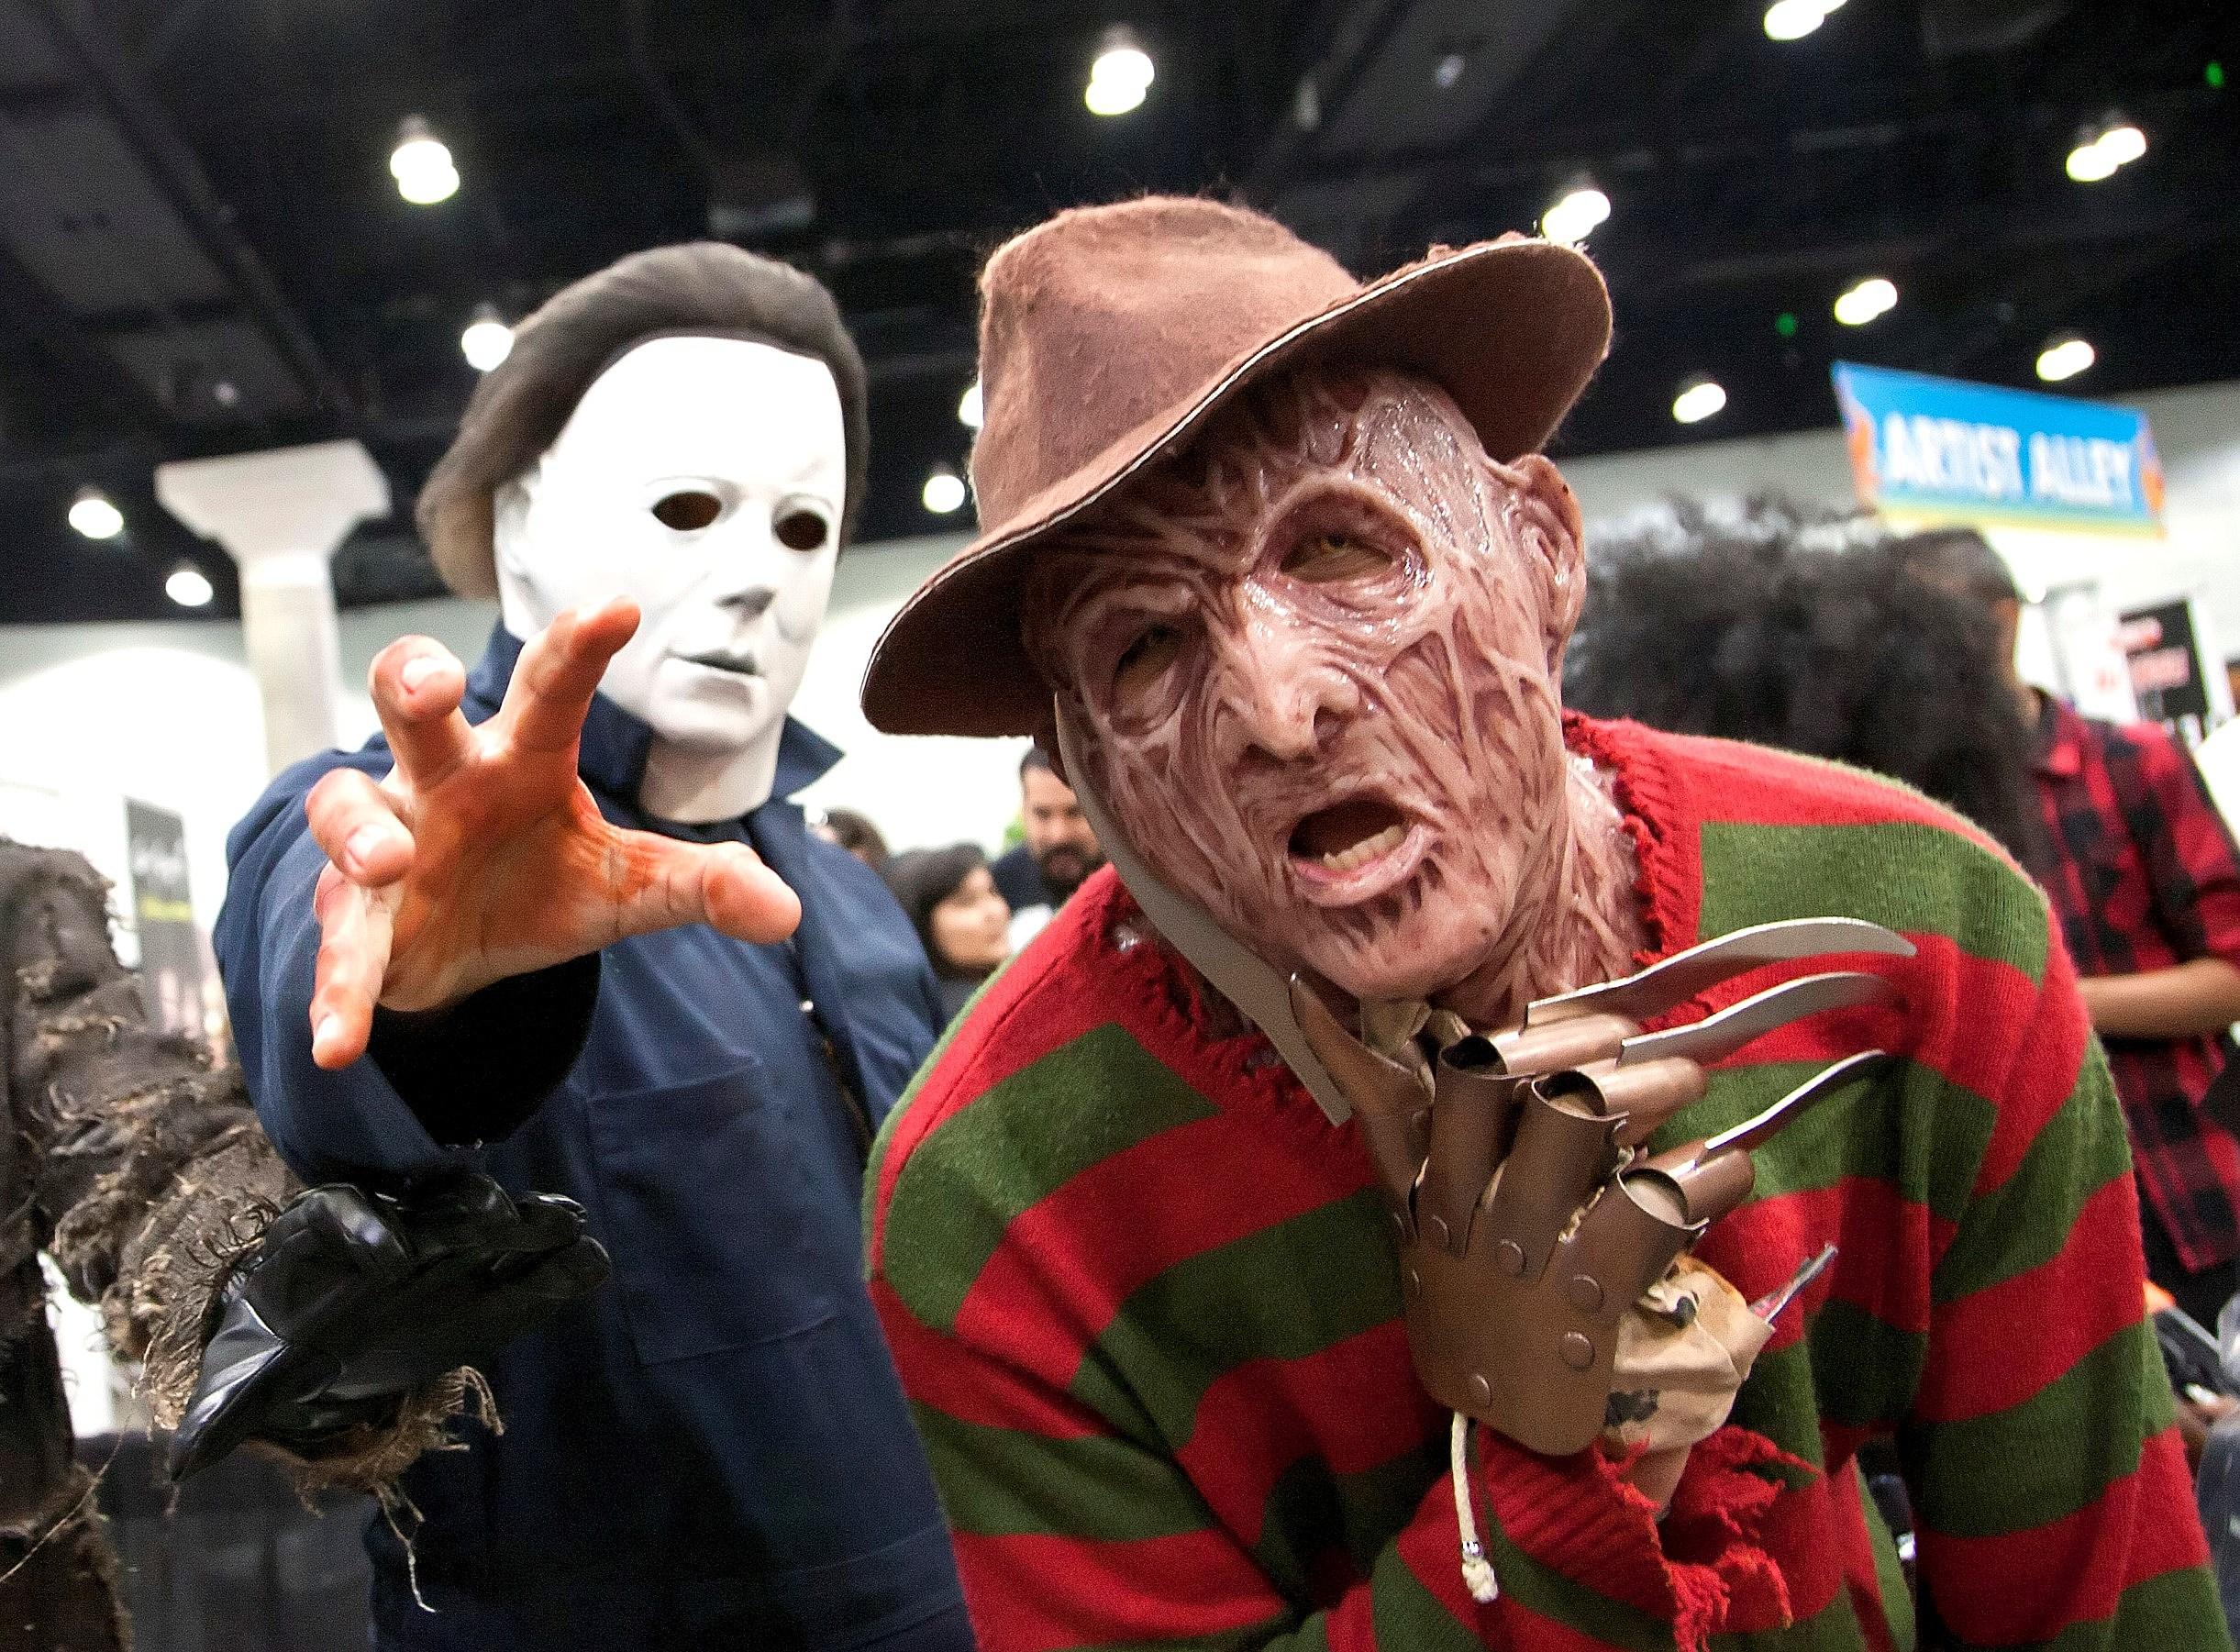 Monster Madness Finals - Freddy Krueger vs Michael Myers